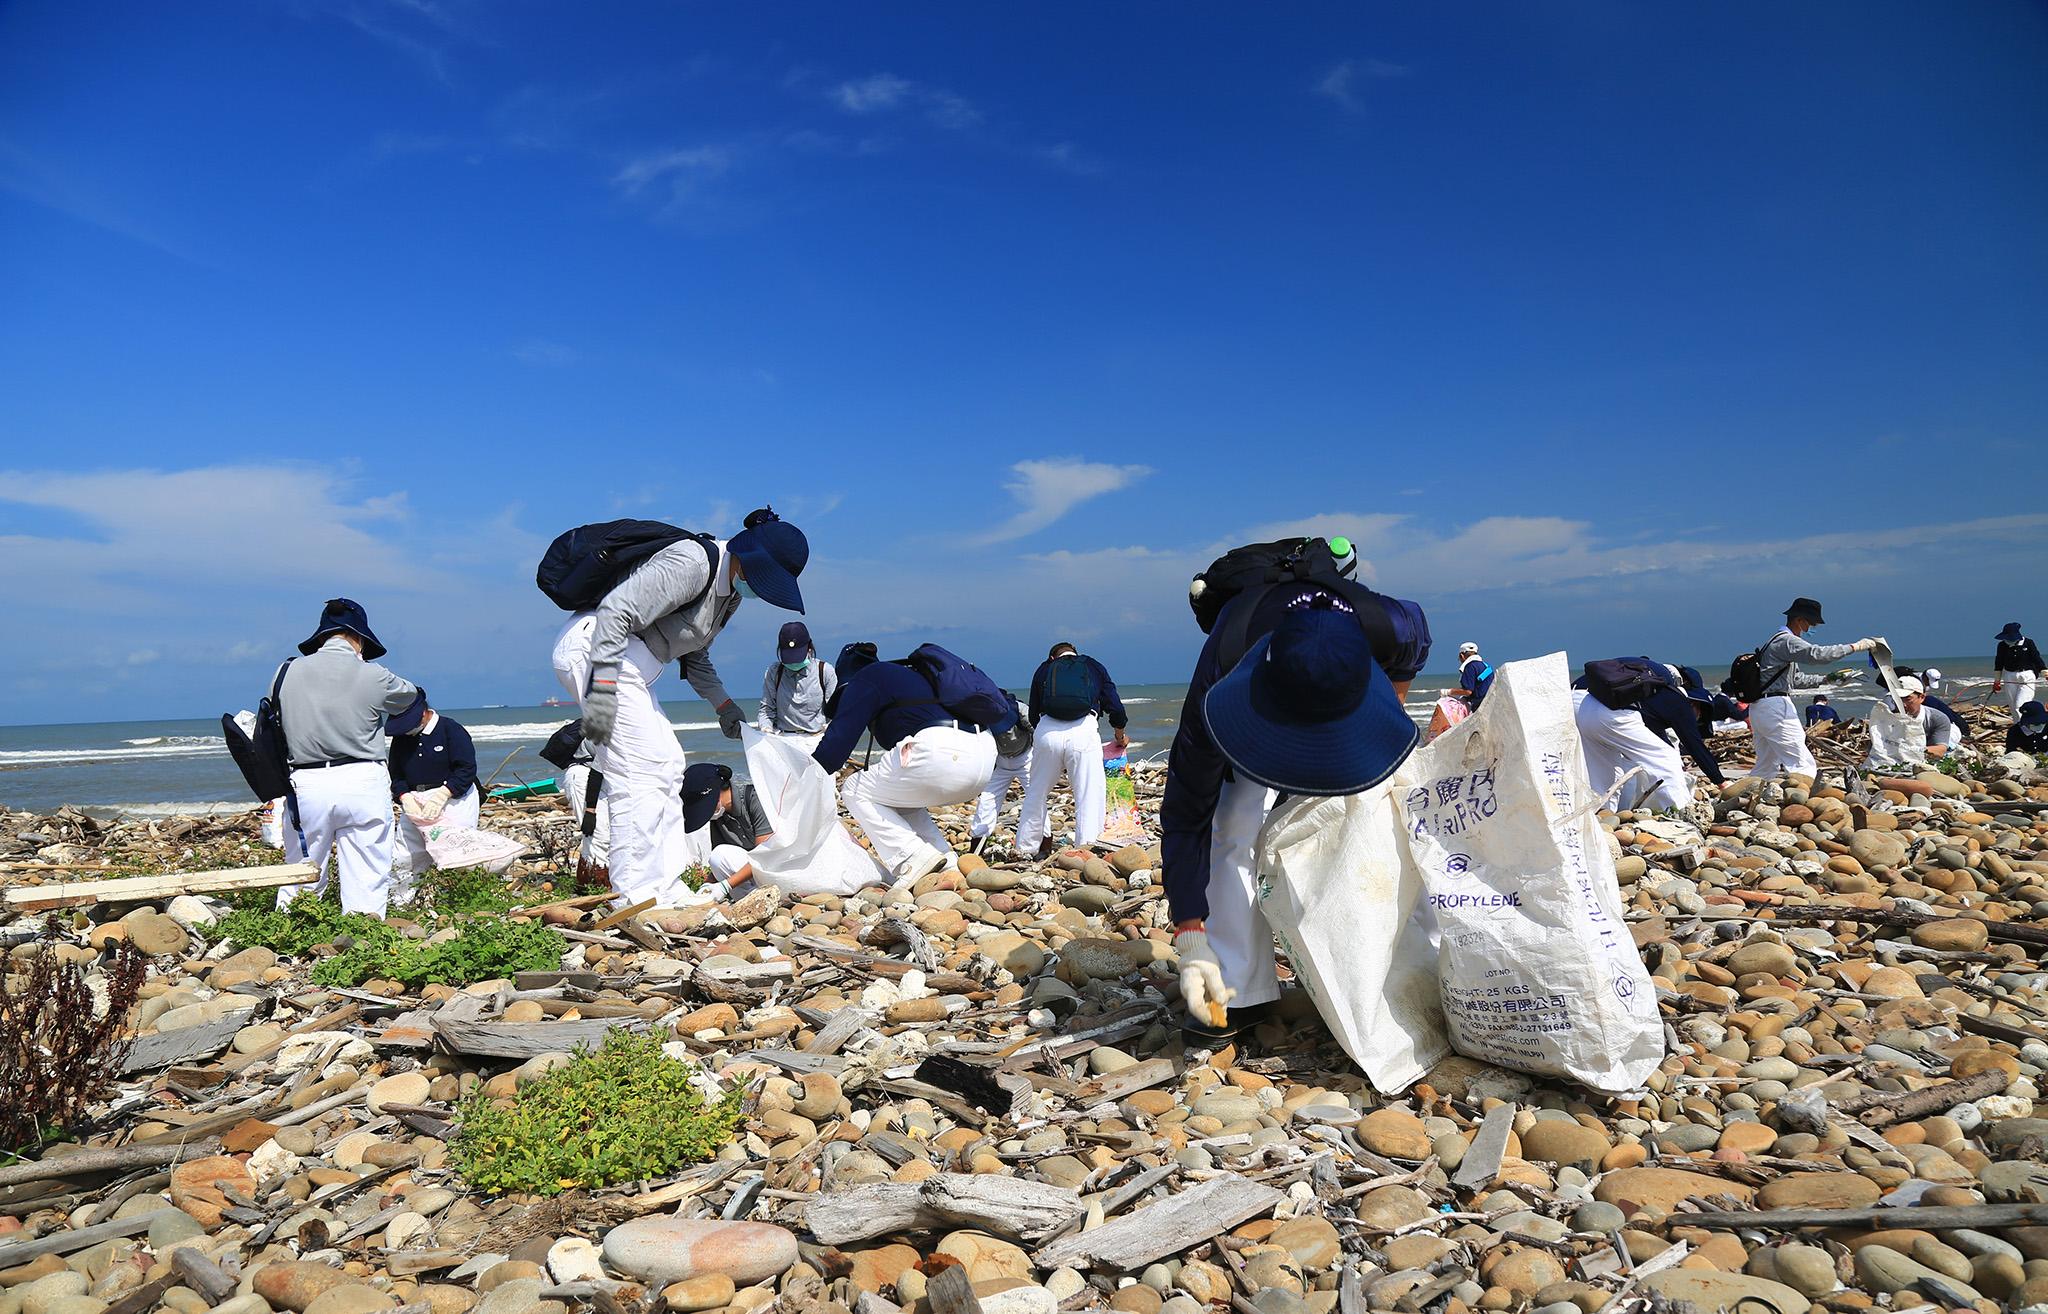 淨灘隊伍各自在分配好的區域,數公里的海岸線處處可見大小朋友同心協力撿拾海灘上的垃圾。